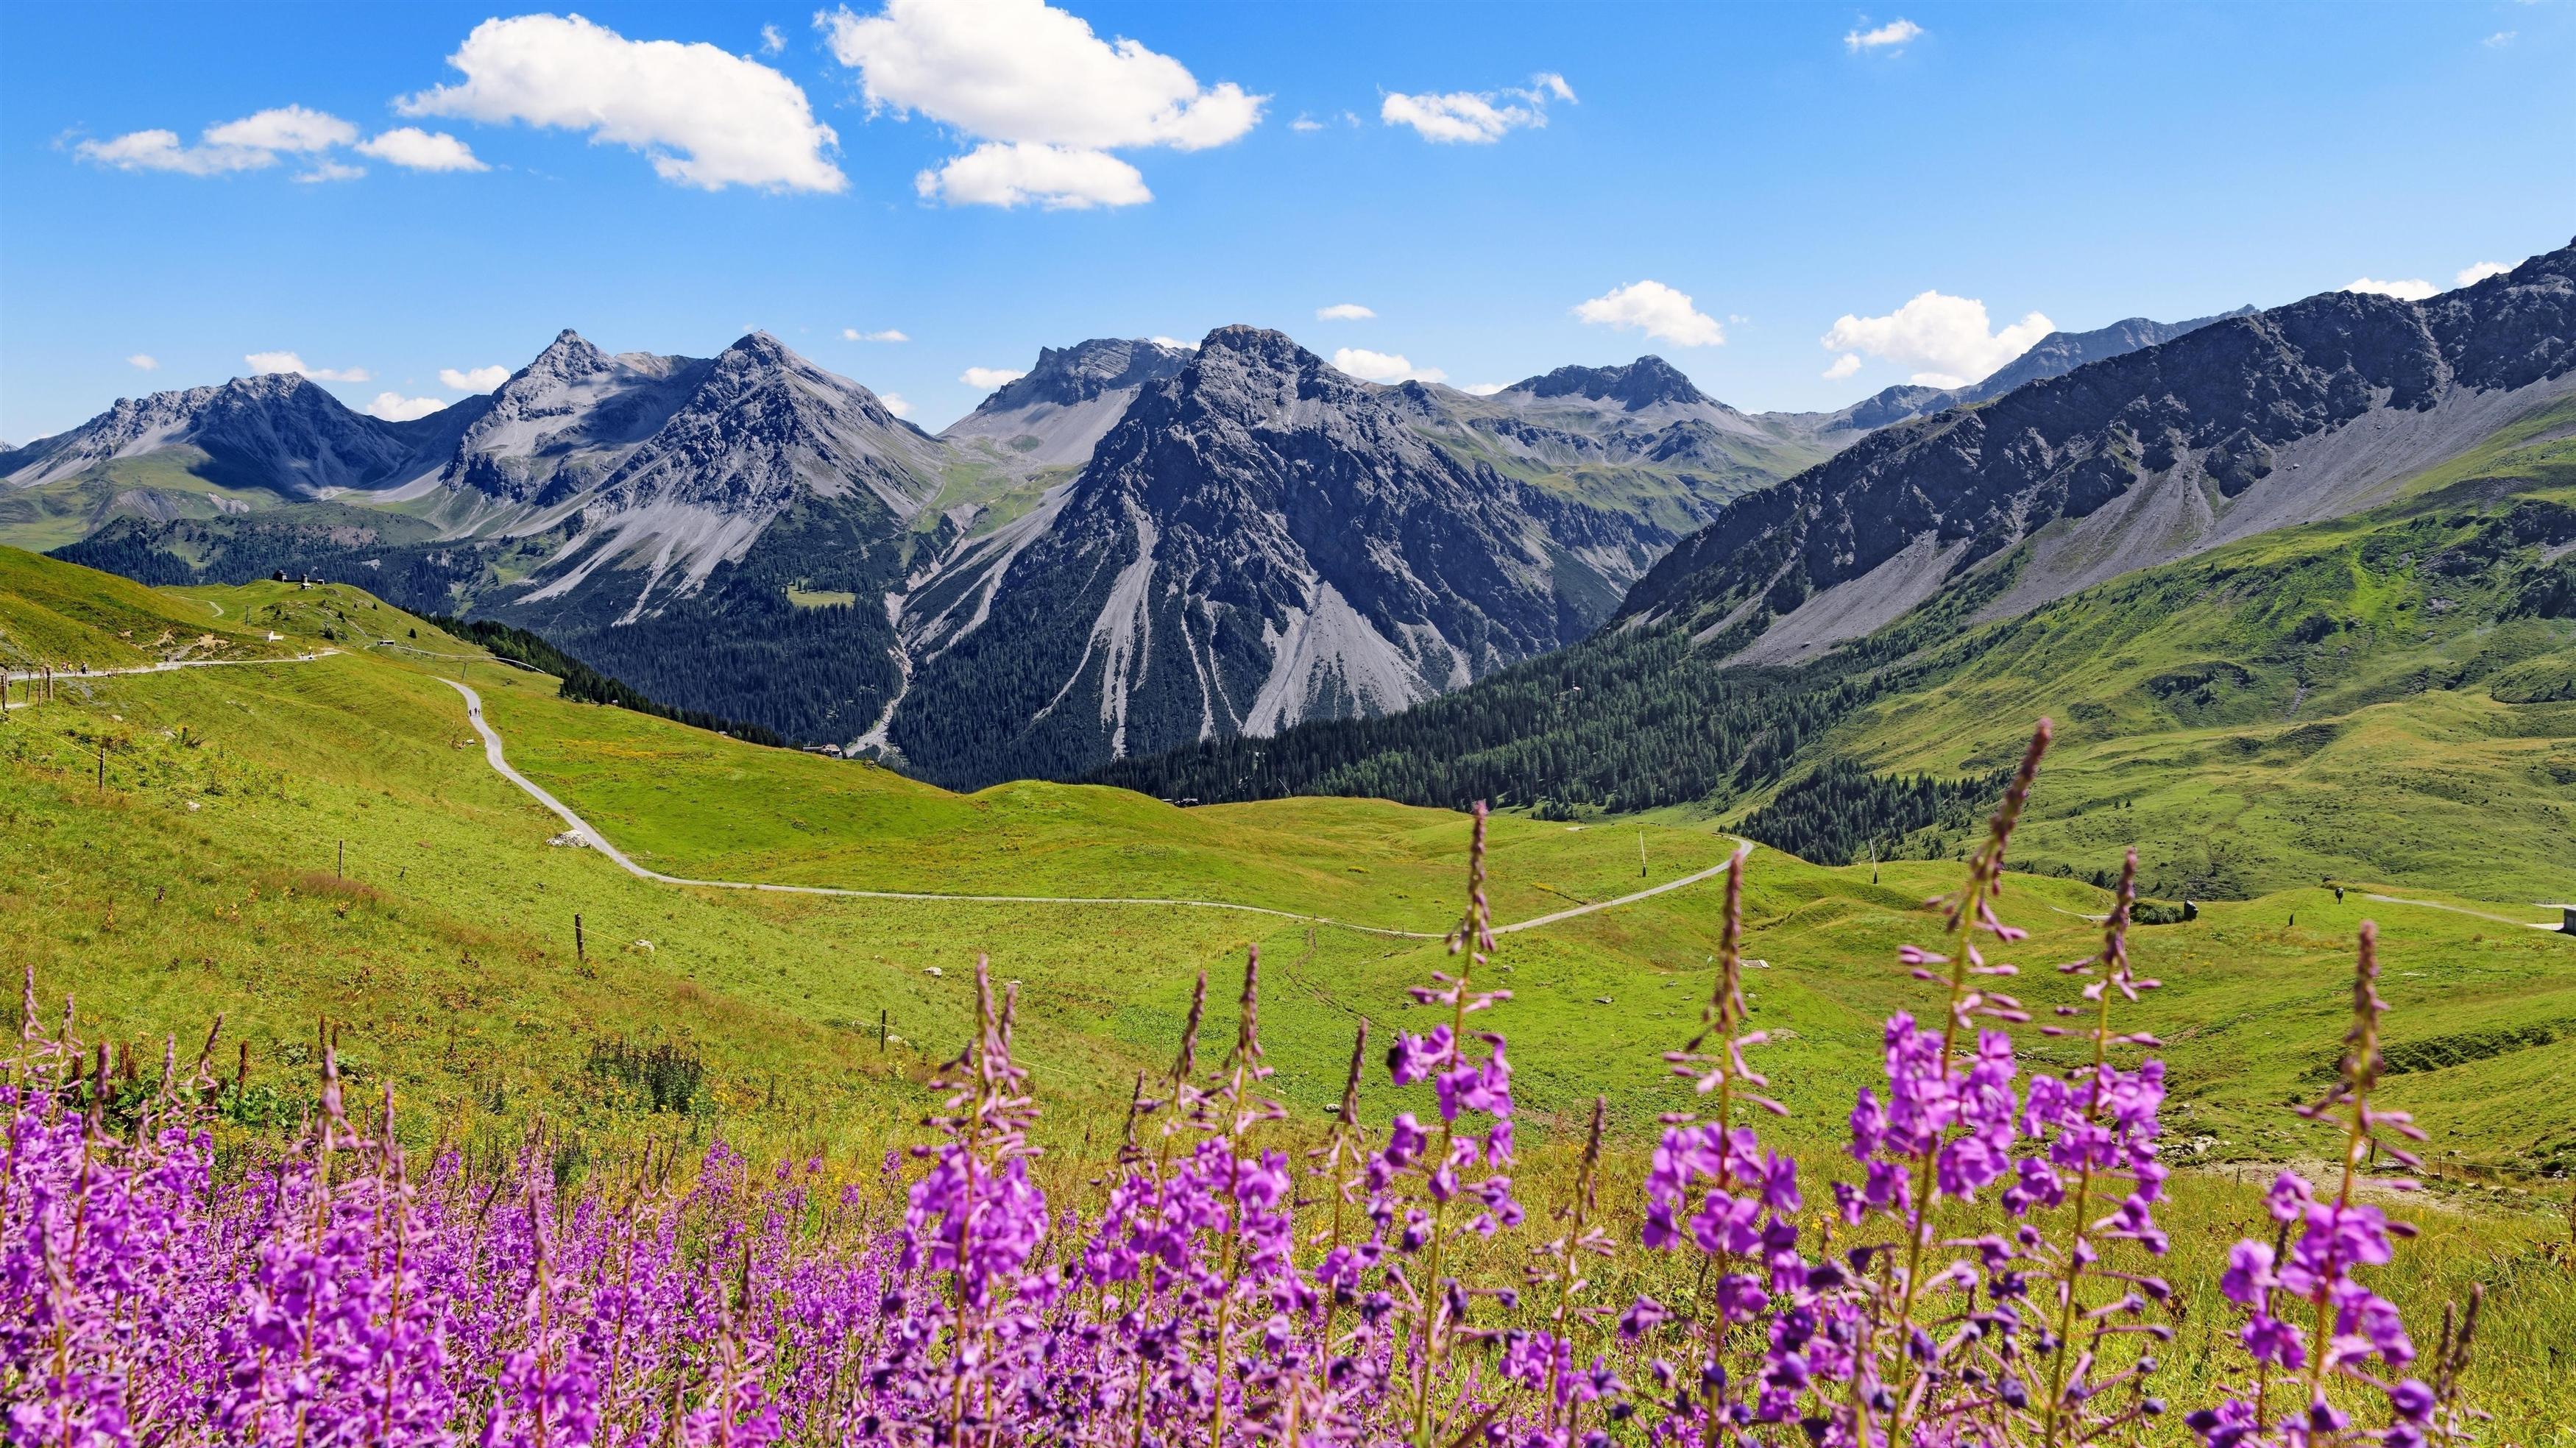 Горы вершины полевые цветы пейзаж природа обои скачать